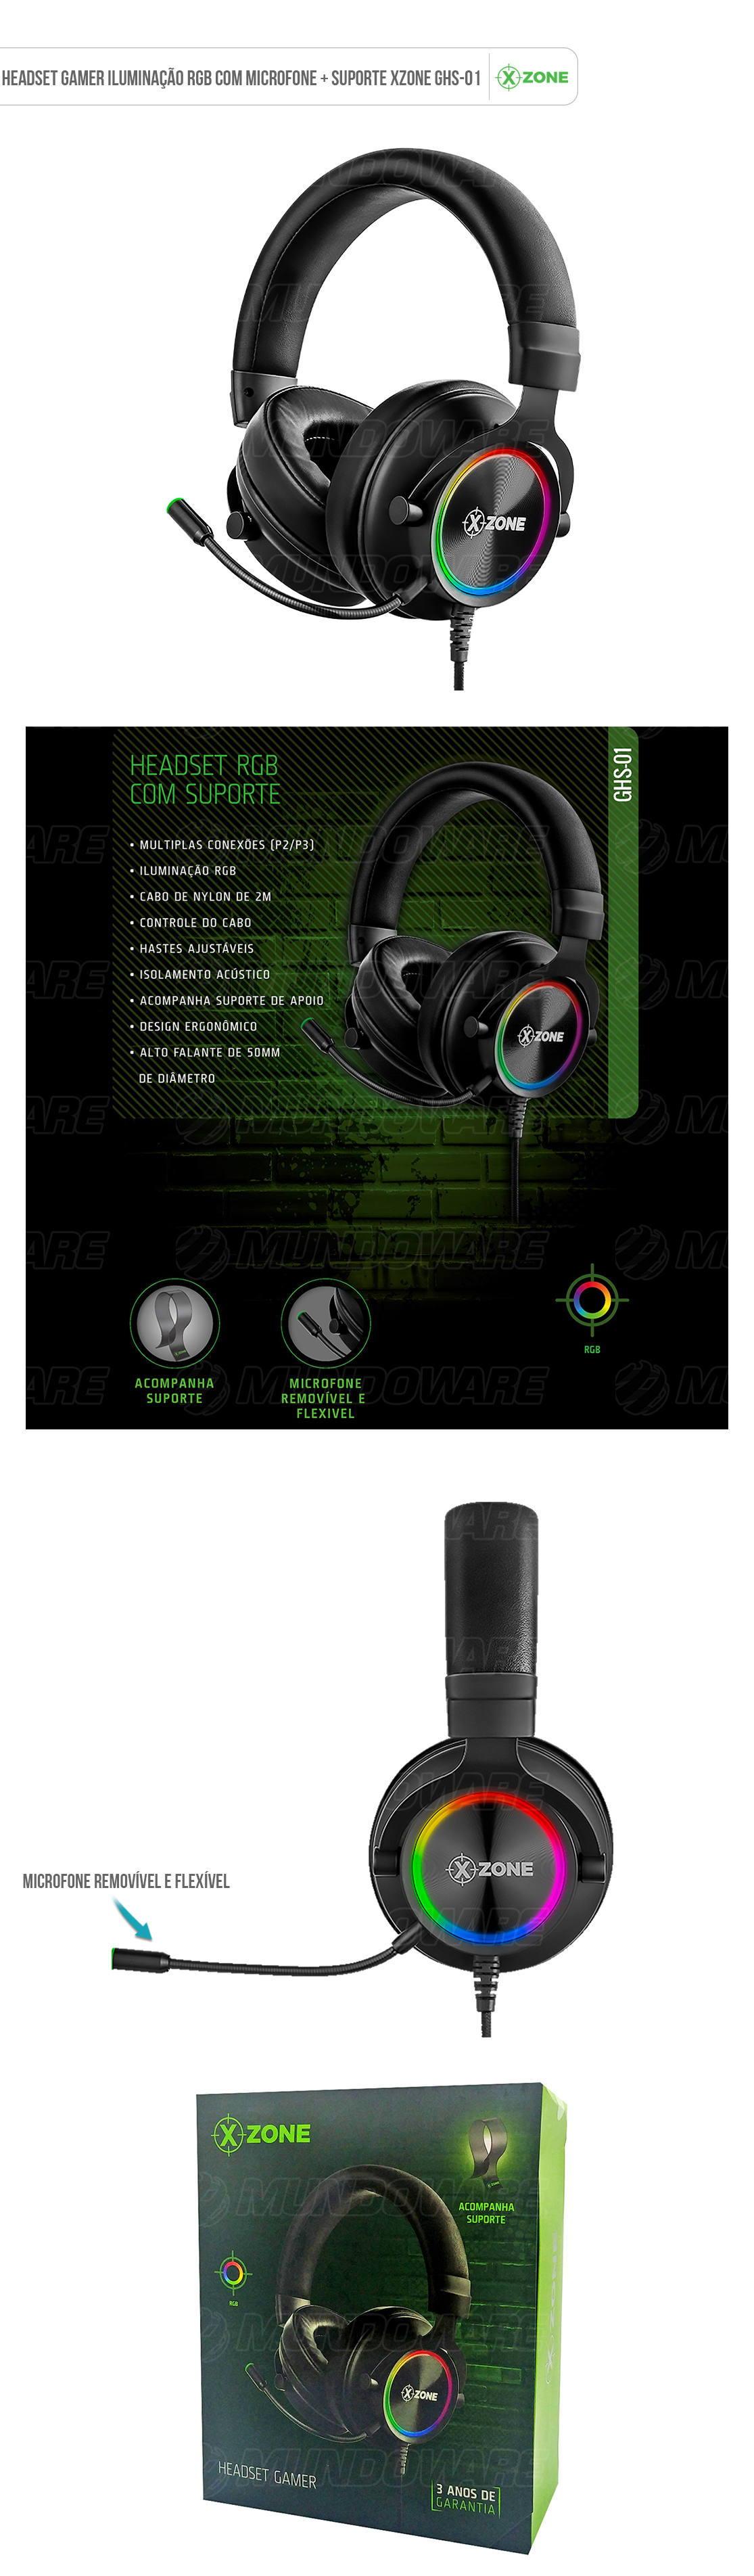 Headphone Gamer RGB com suporte para apoio Isolamento Acústico Microfone flexível Removível para PC XBOX PS4 Celular